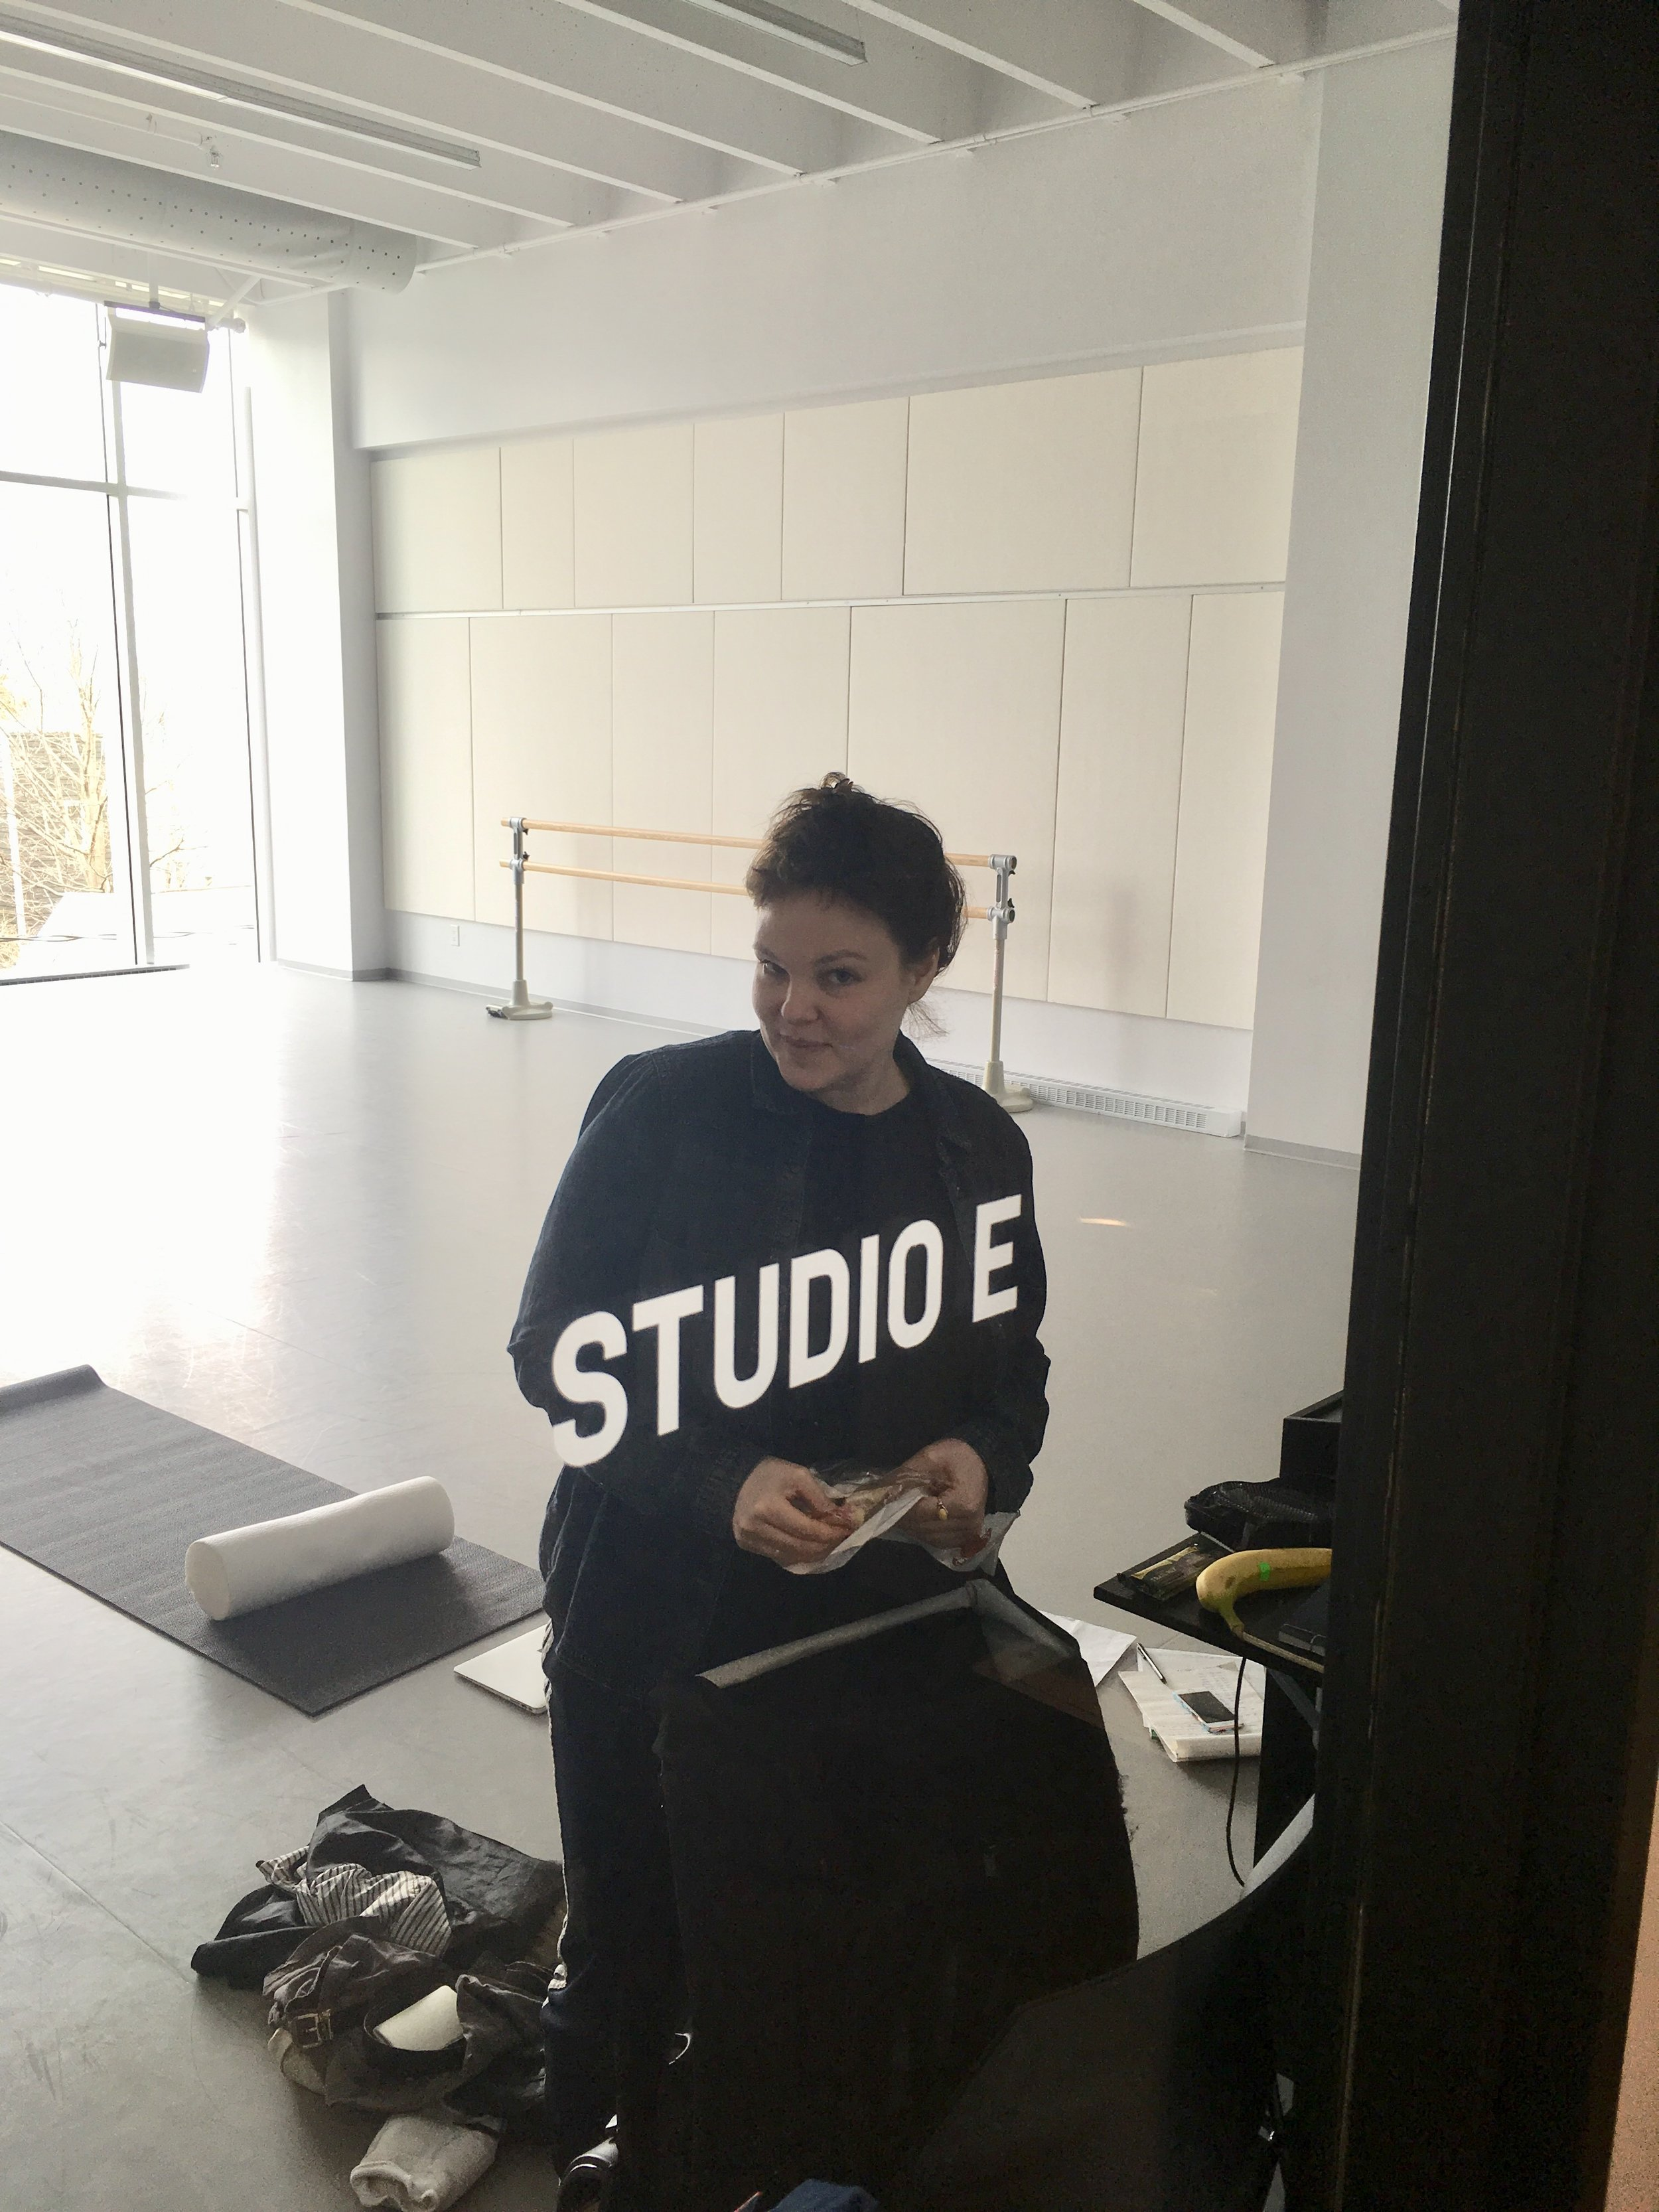 Emily | Studio E | Maison pour la danse